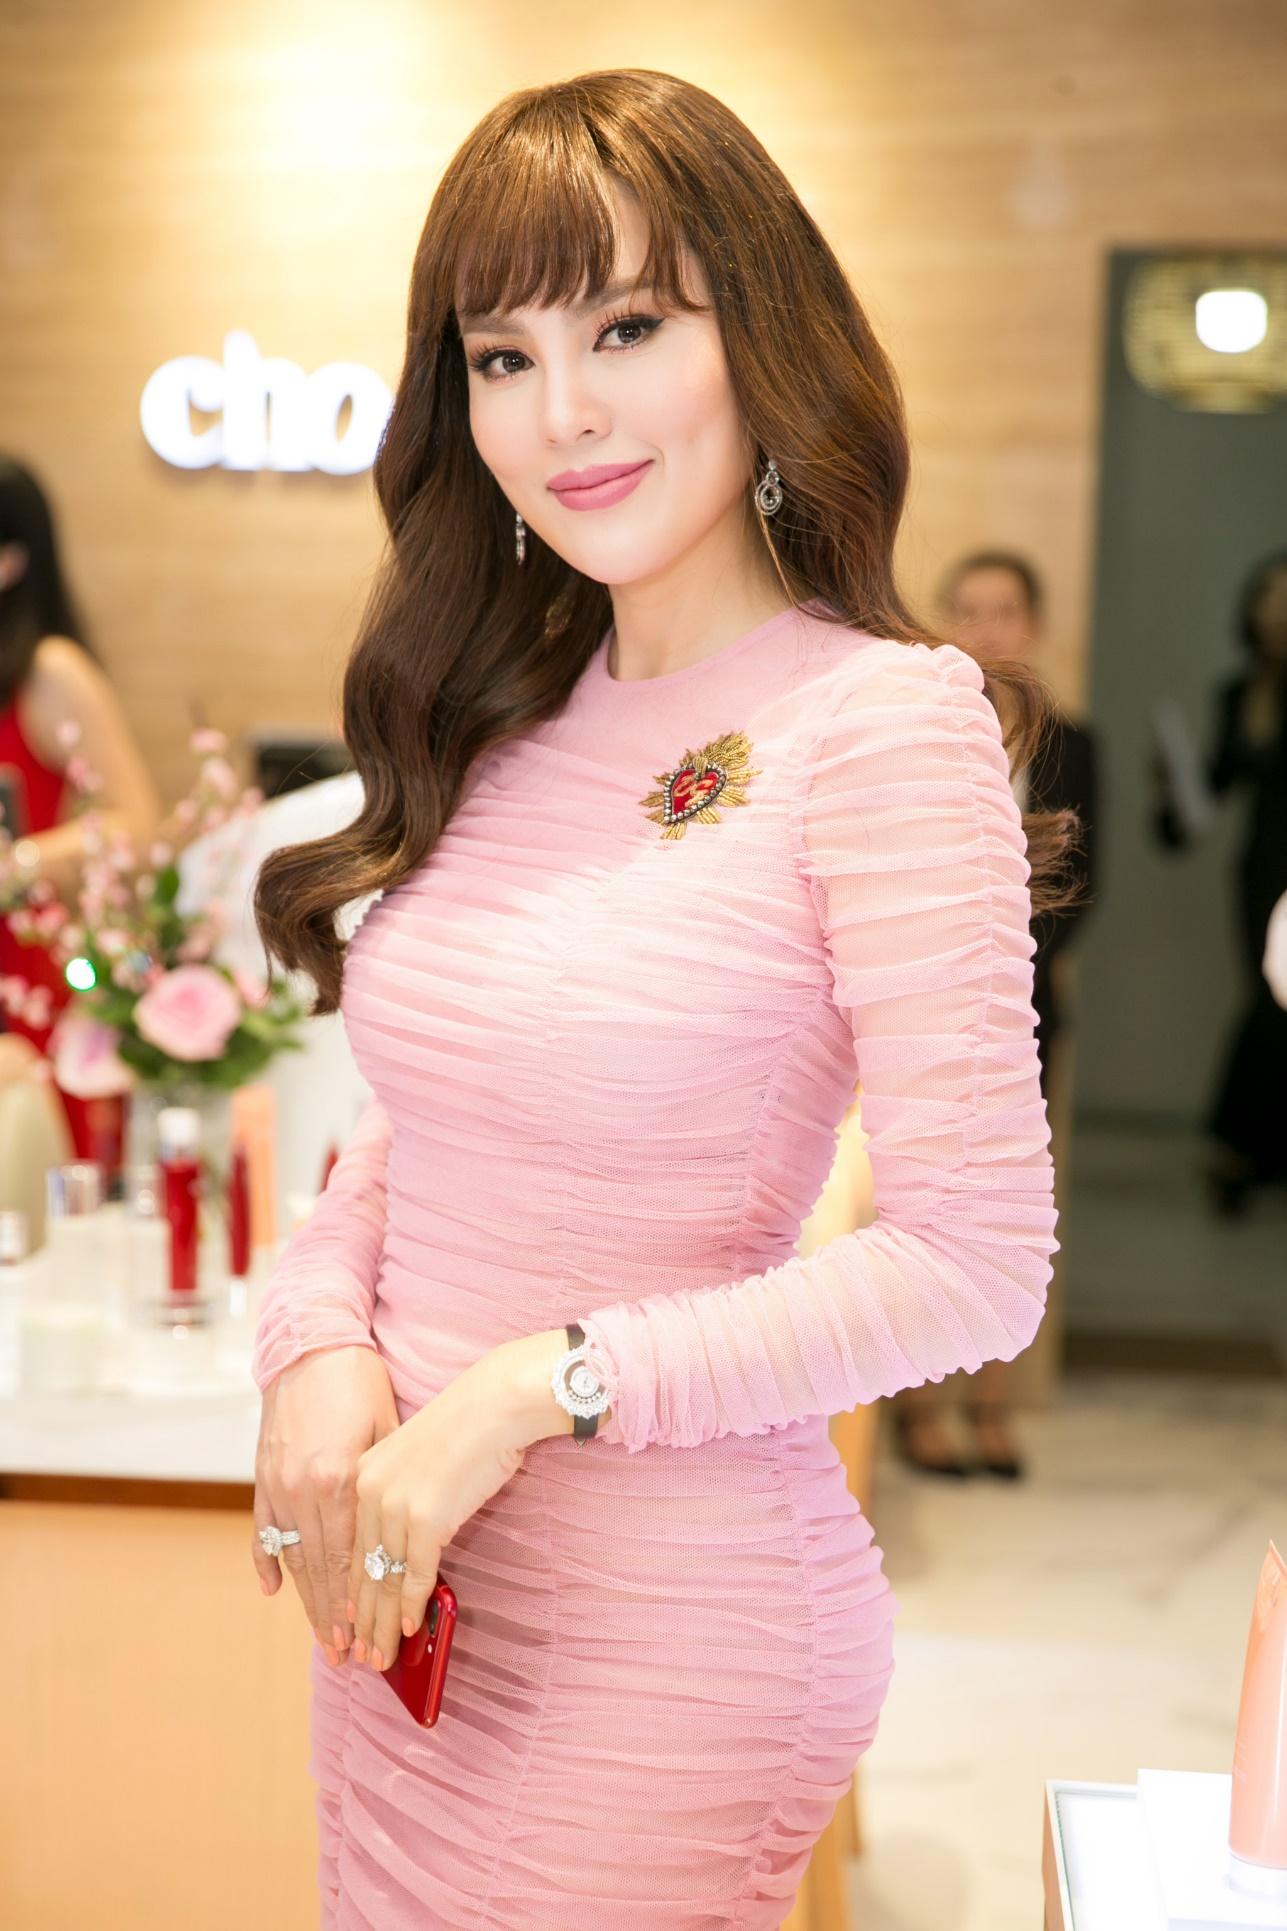 Mỹ phẩm Cho Nami chính thức có mặt tại Việt Nam - Ảnh 7.